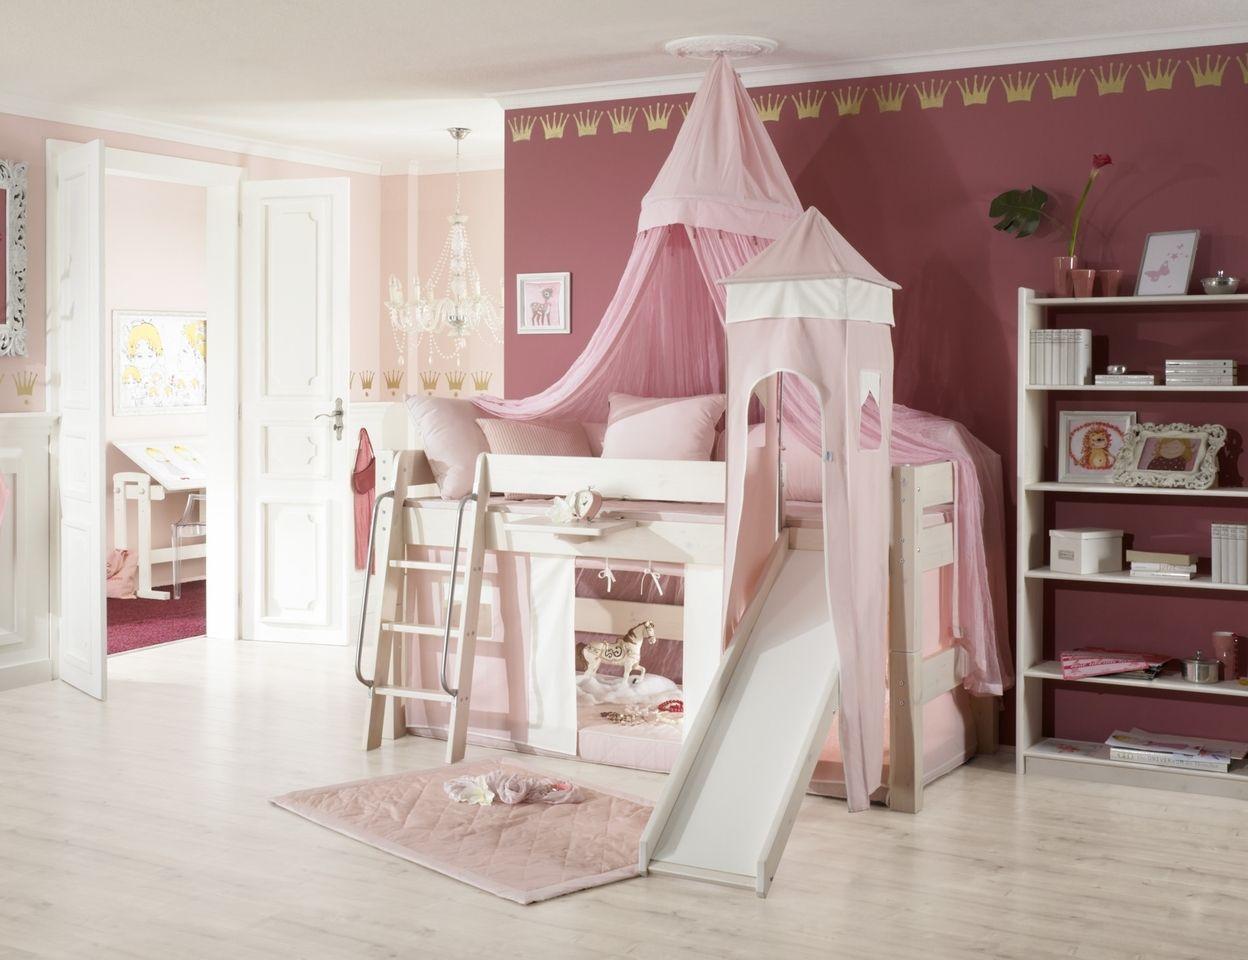 Etagenbett Für Mädchen : Etagenbett mädchen hochbett mit rutsche junge good